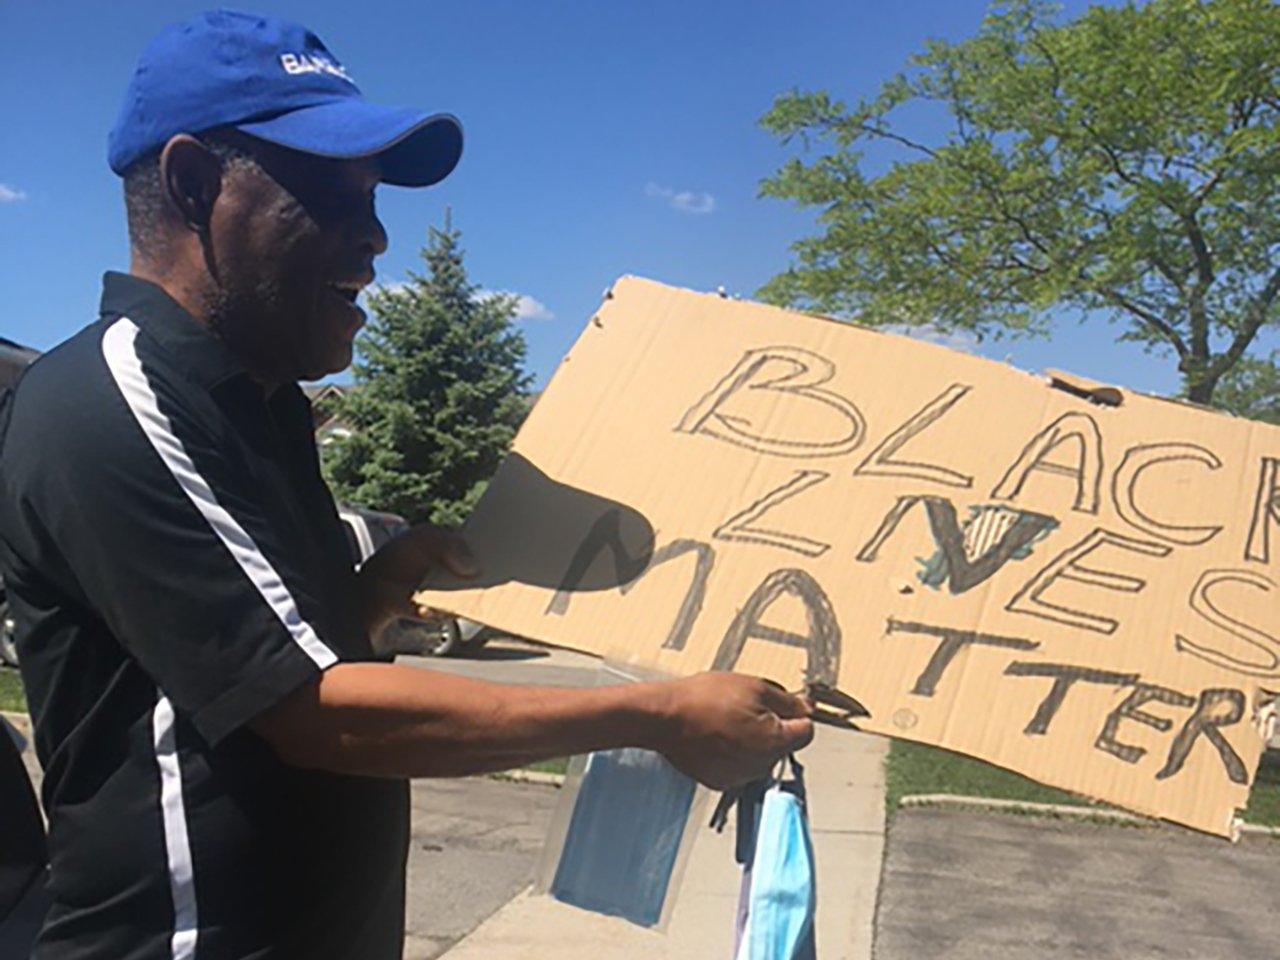 An older Black man holds a cardboard Black Lives Matter sign